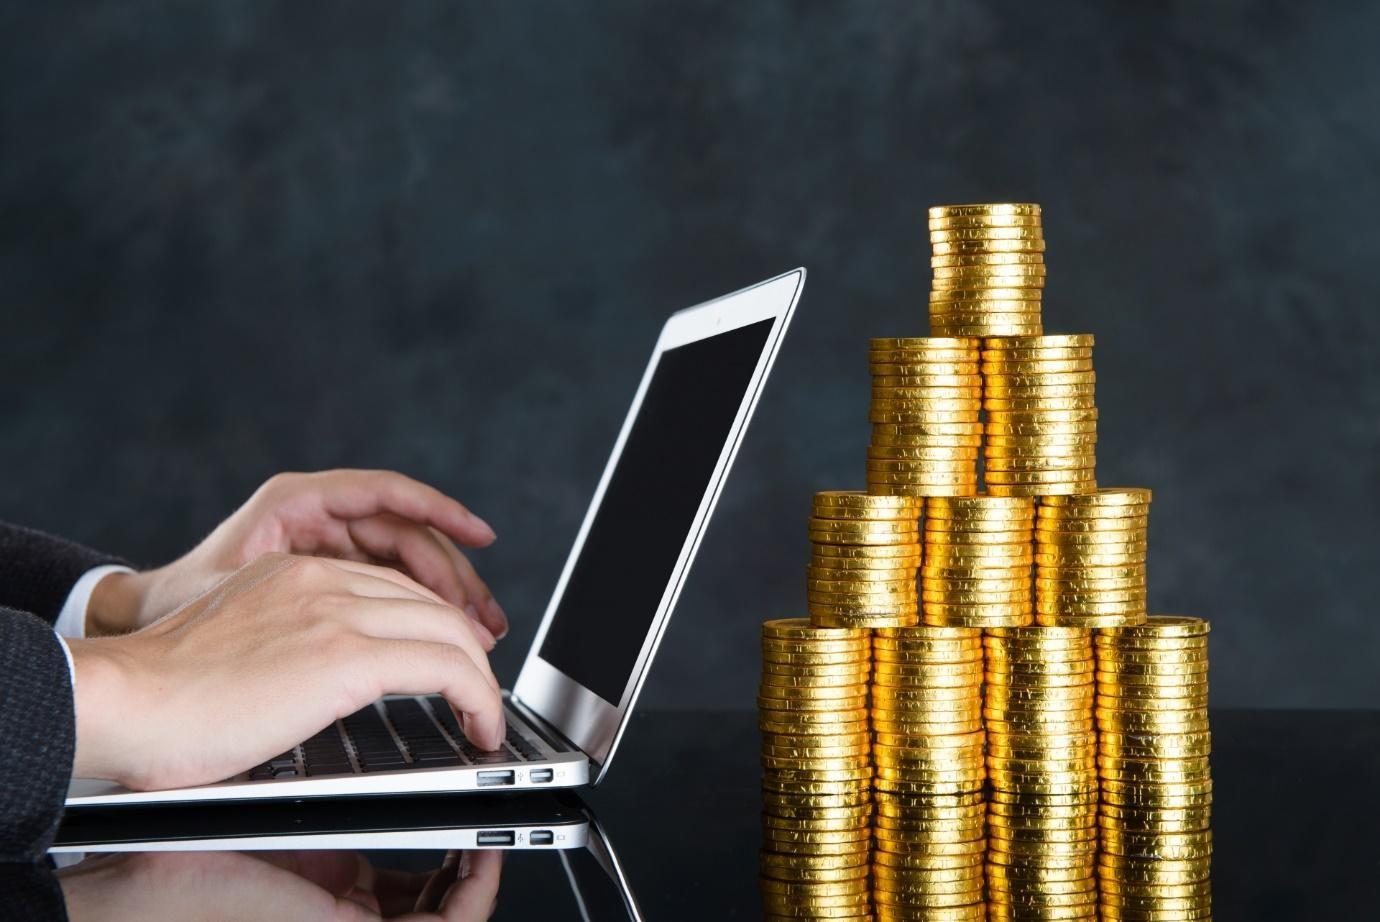 年収1000万円は貯金できない?収支の見直し&貯蓄方法を解説